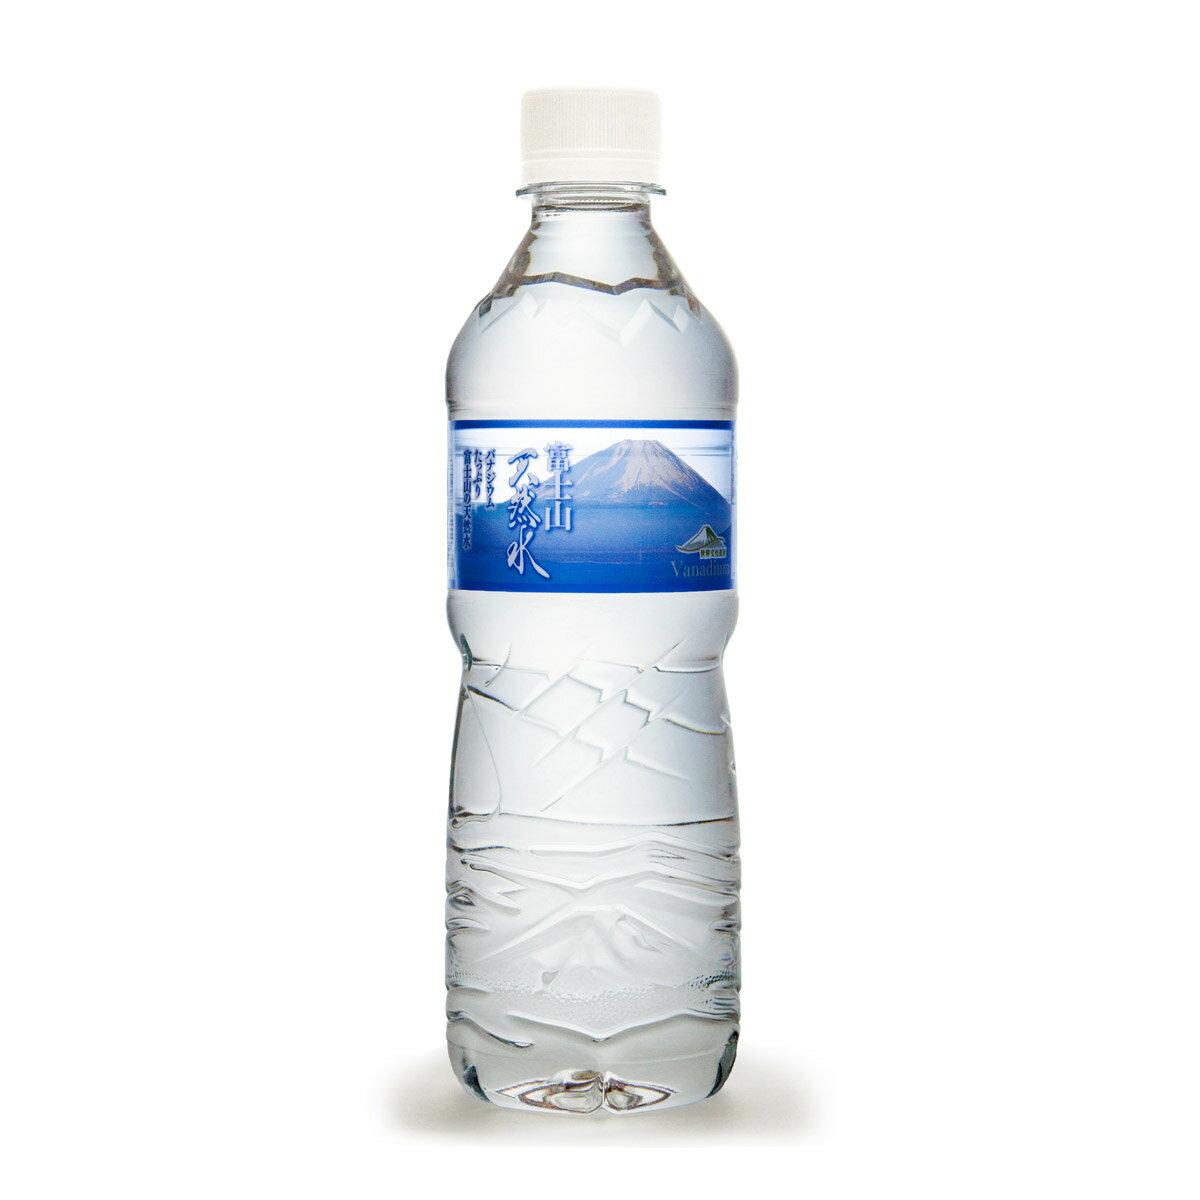 【ふるさと納税】富士山天然水 500ml 24本入 4箱セット(96本入り)